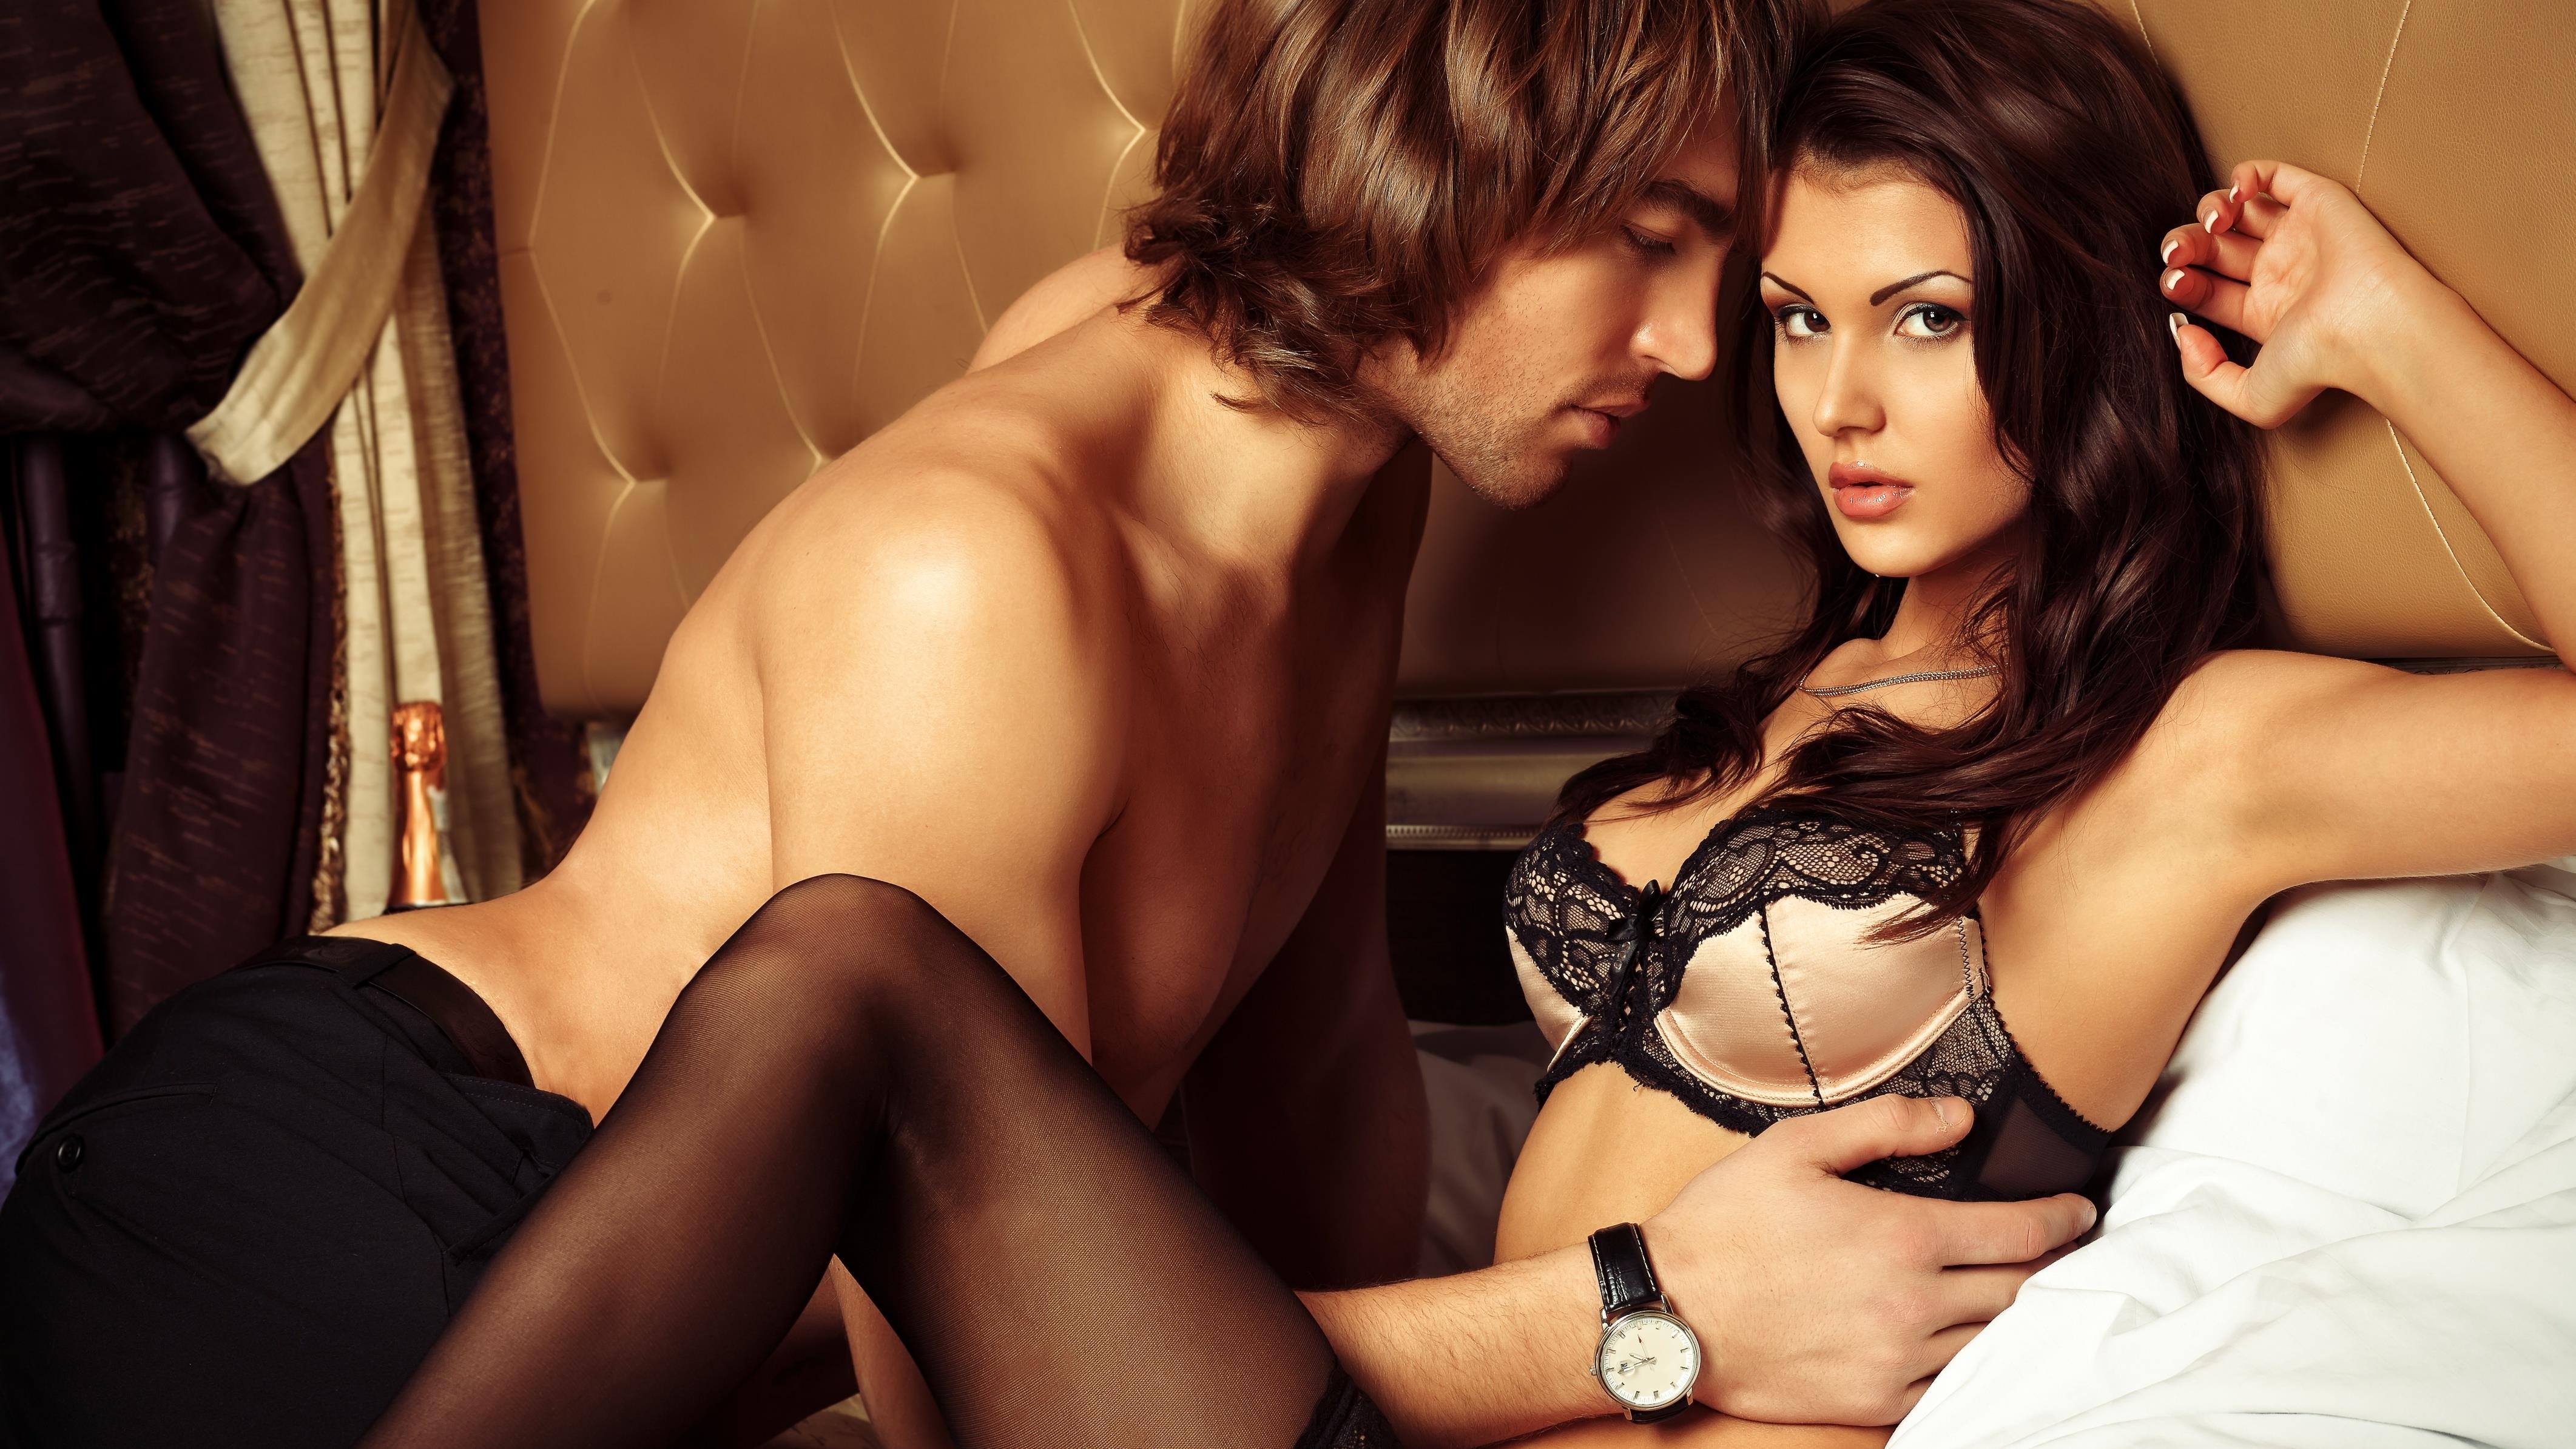 najnowszy masaż seksualny nagie młode czarne dziewczyny